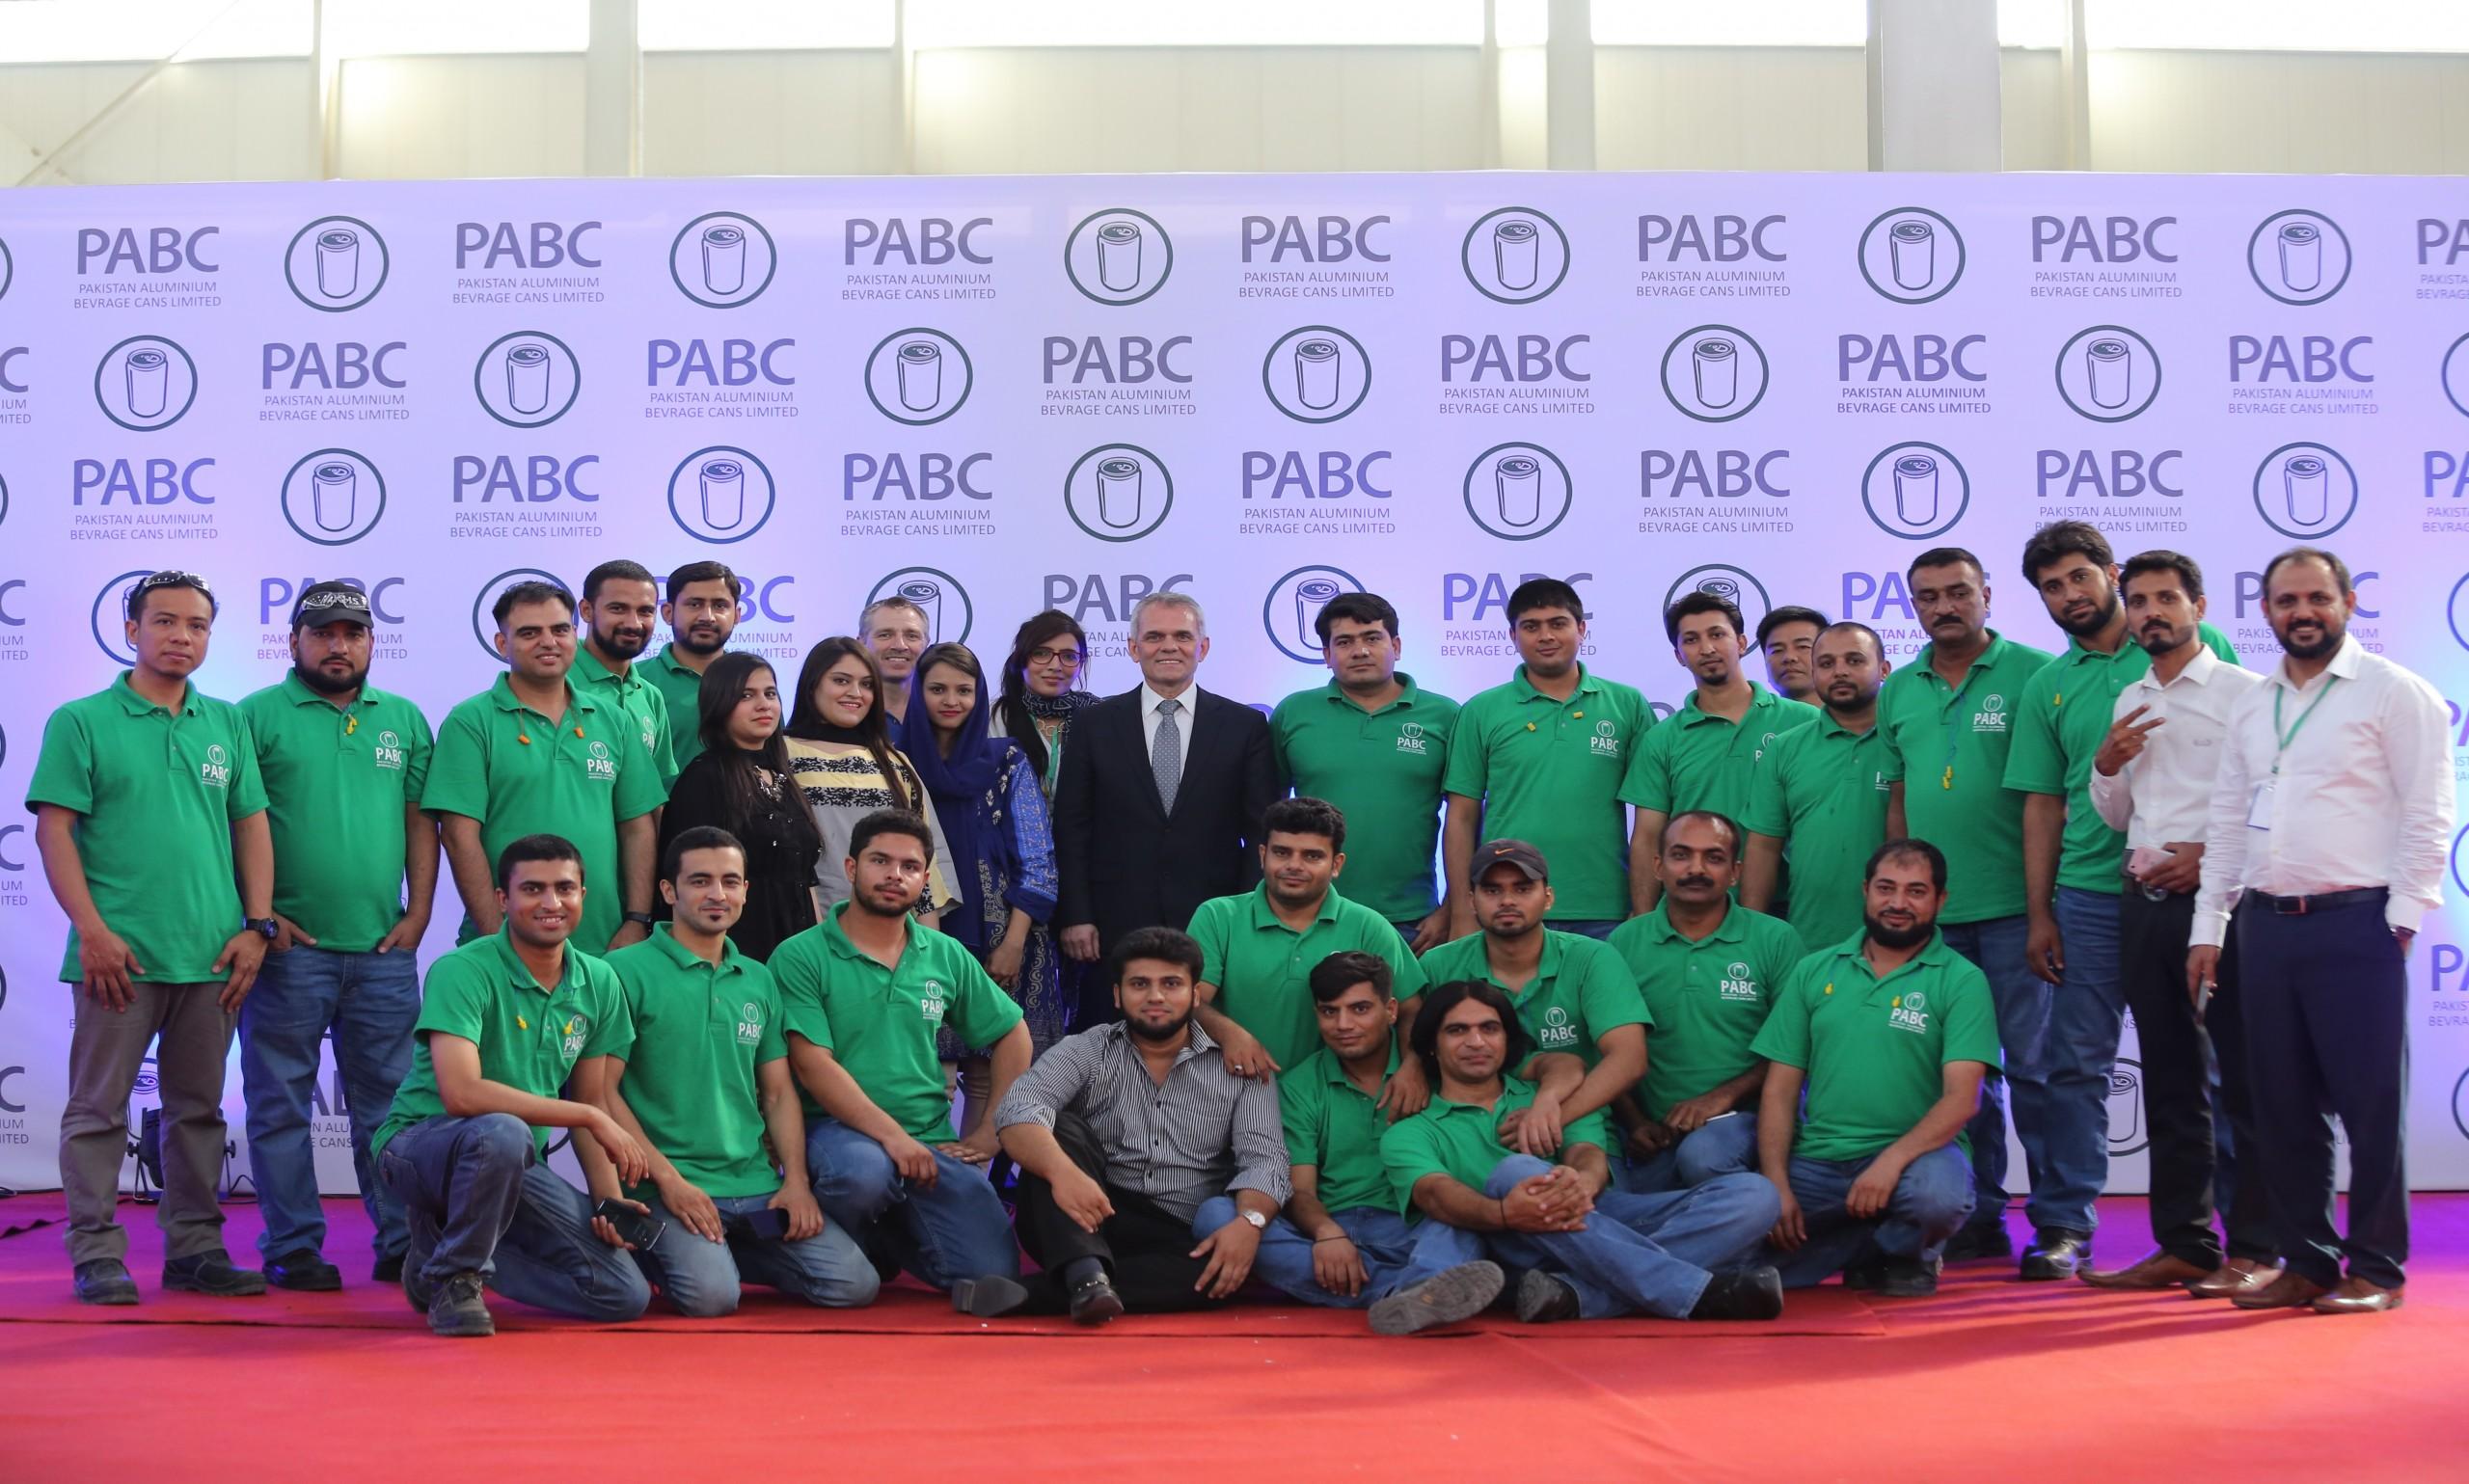 PABC plans